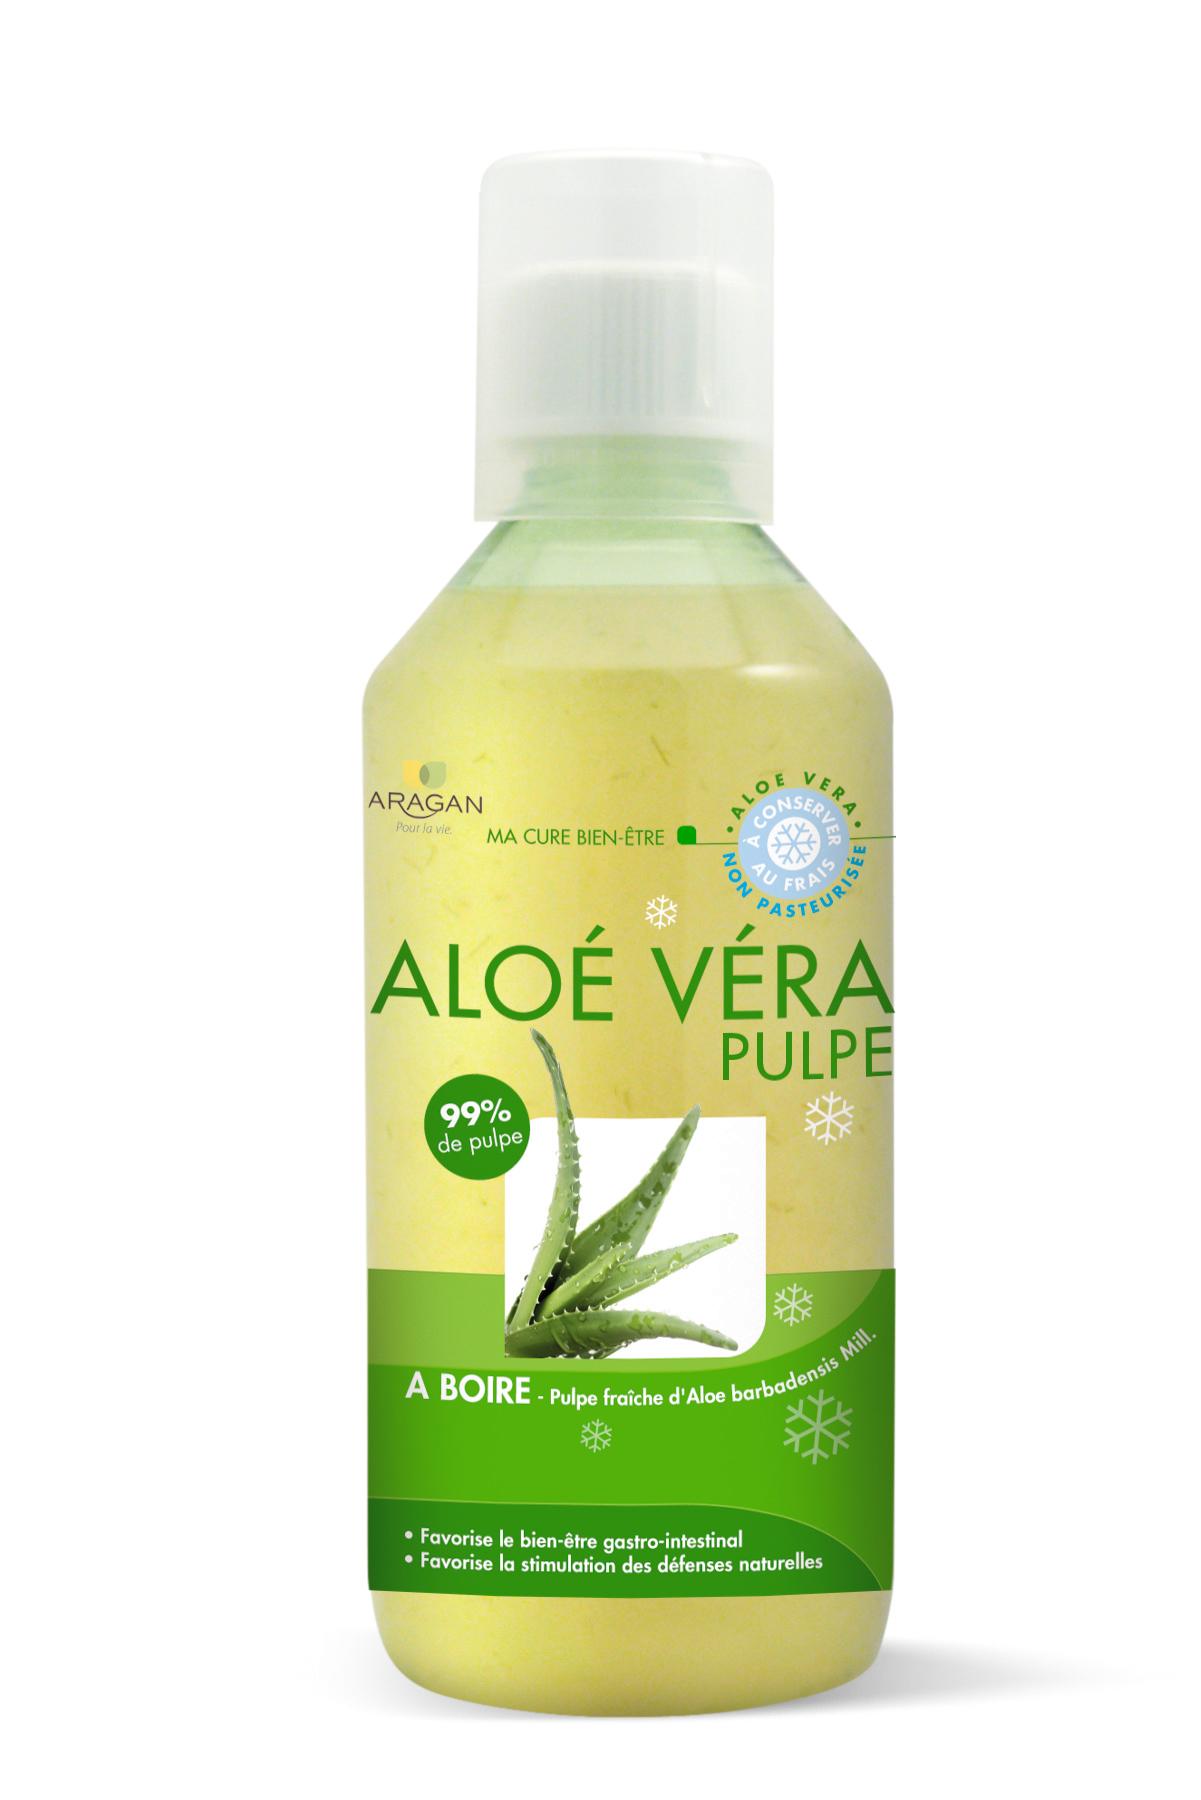 Aloe vera boire pas cher comparer les prix avec - Gel aloe vera pas cher ...